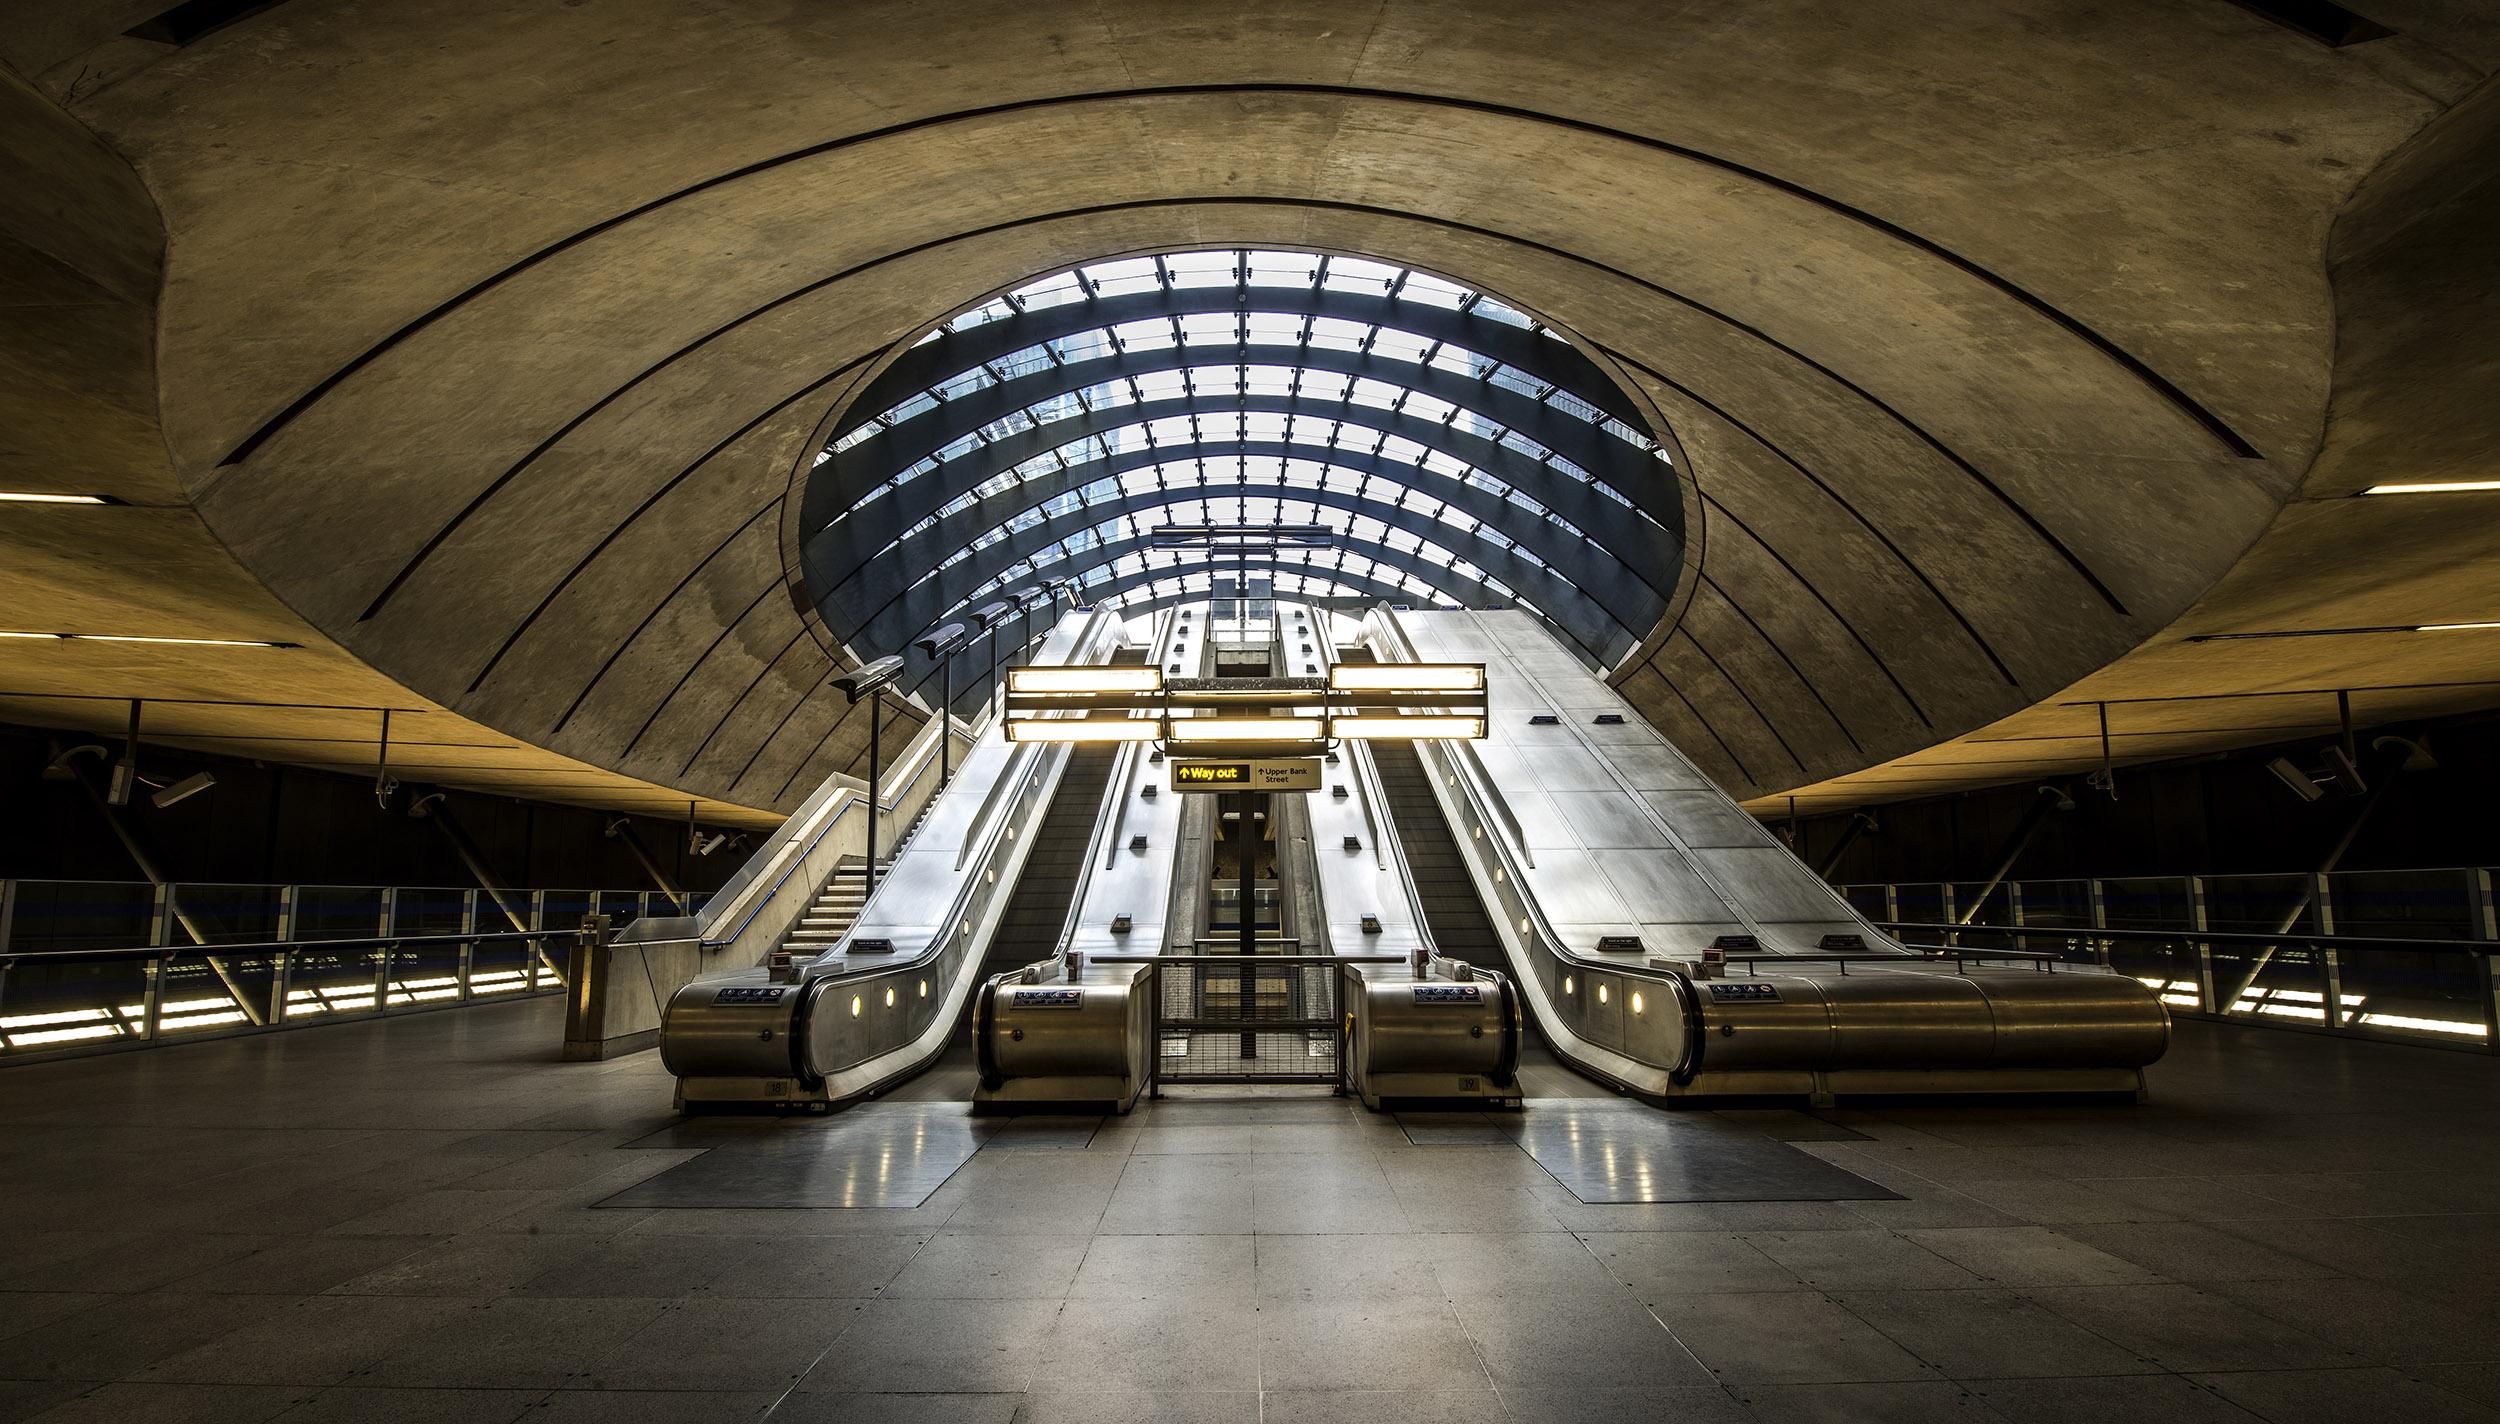 futuristische foto van roltrappen naar boven in een station